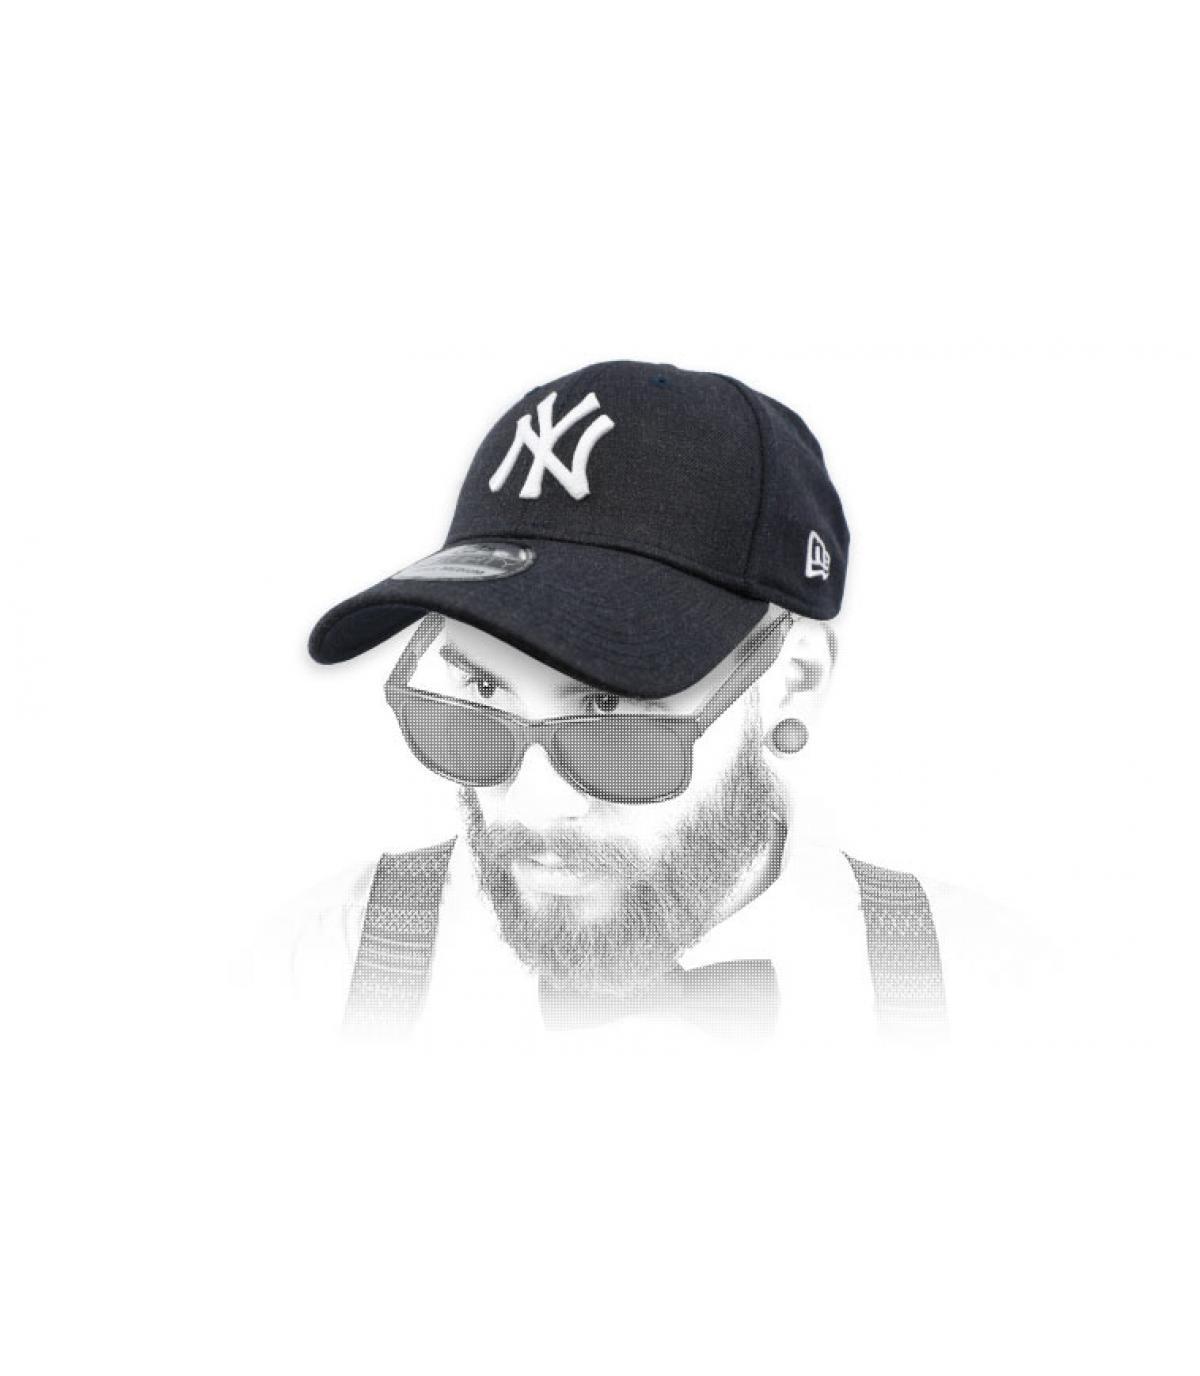 Cap NY marineblau